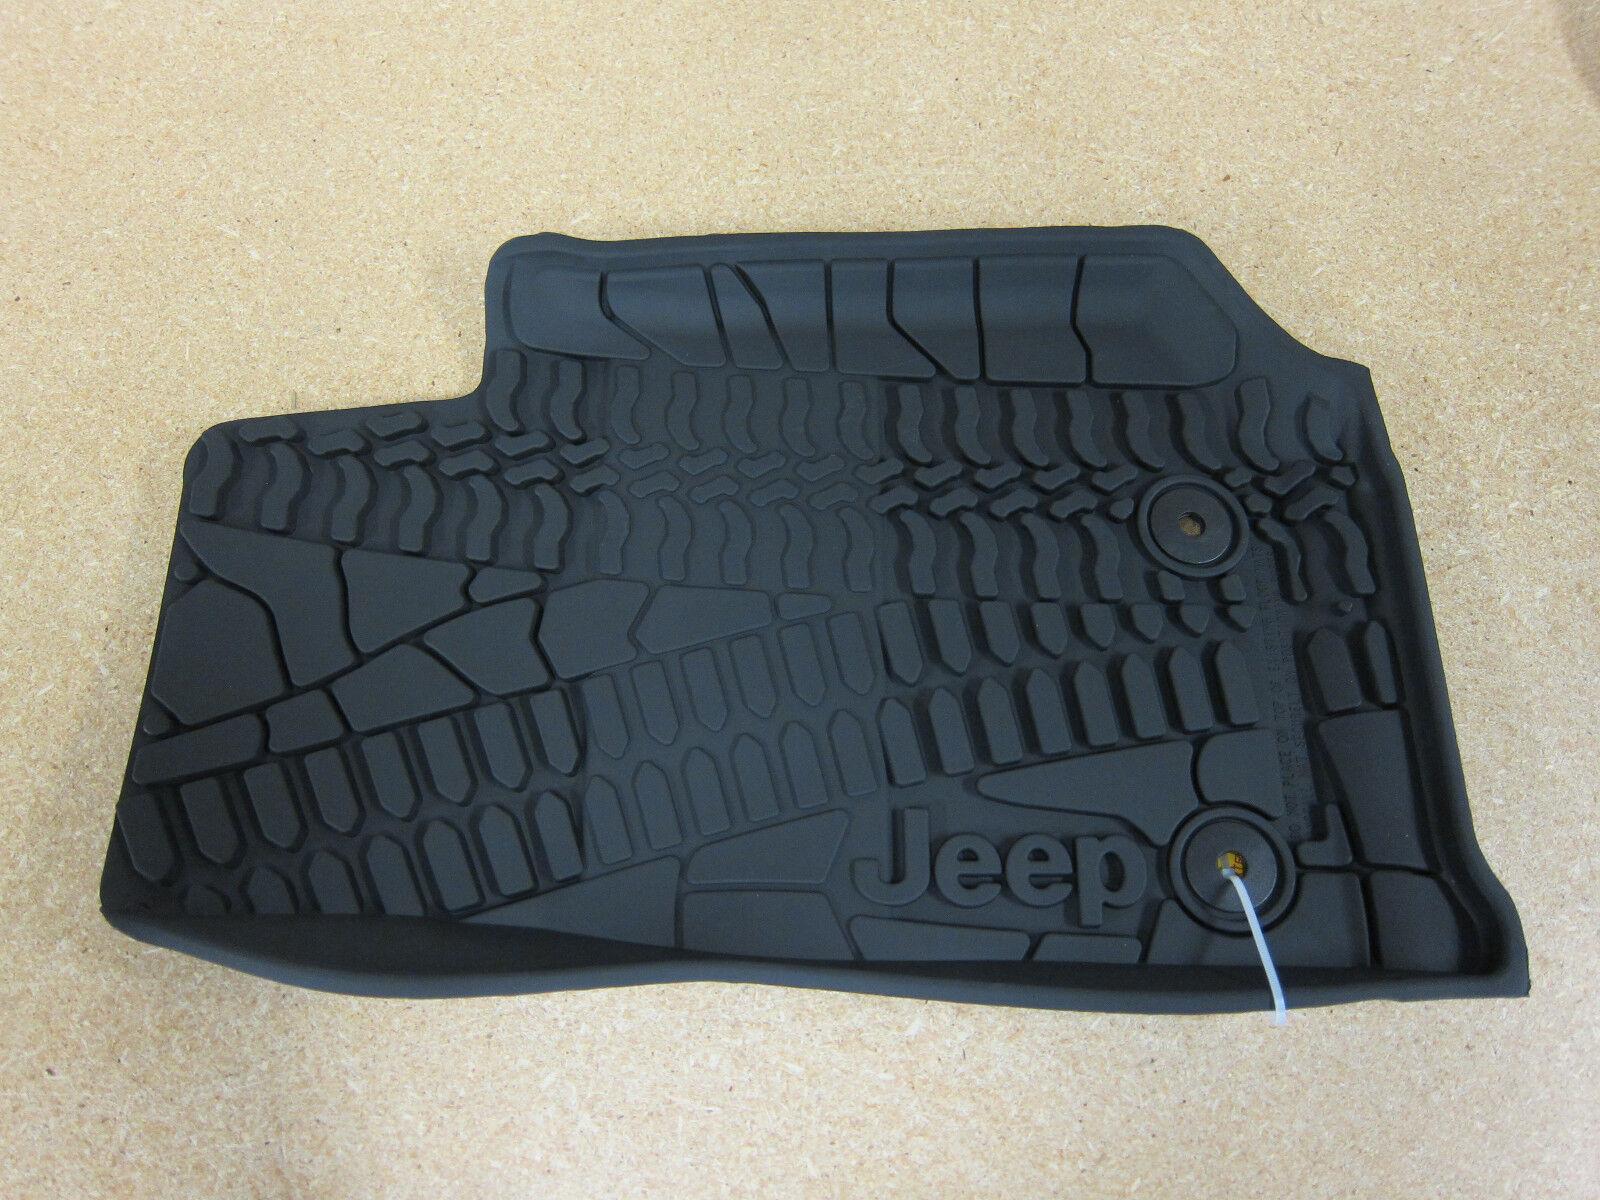 2014 2018 jeep wrangler jk rubber slush all weather floor mats mopar oem 13082001926 ebay. Black Bedroom Furniture Sets. Home Design Ideas